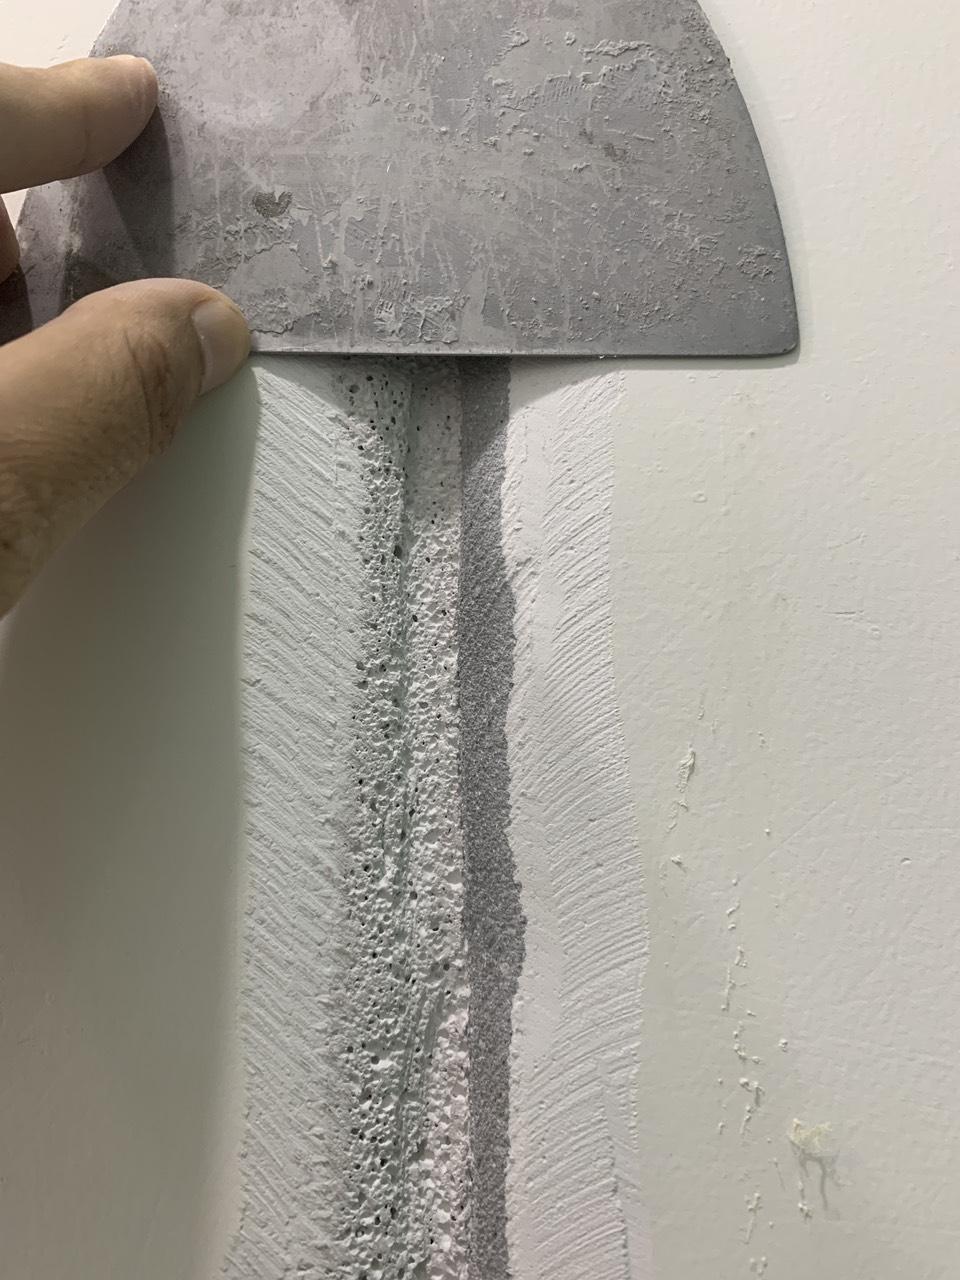 vát mép tấm alc xử lý nứt